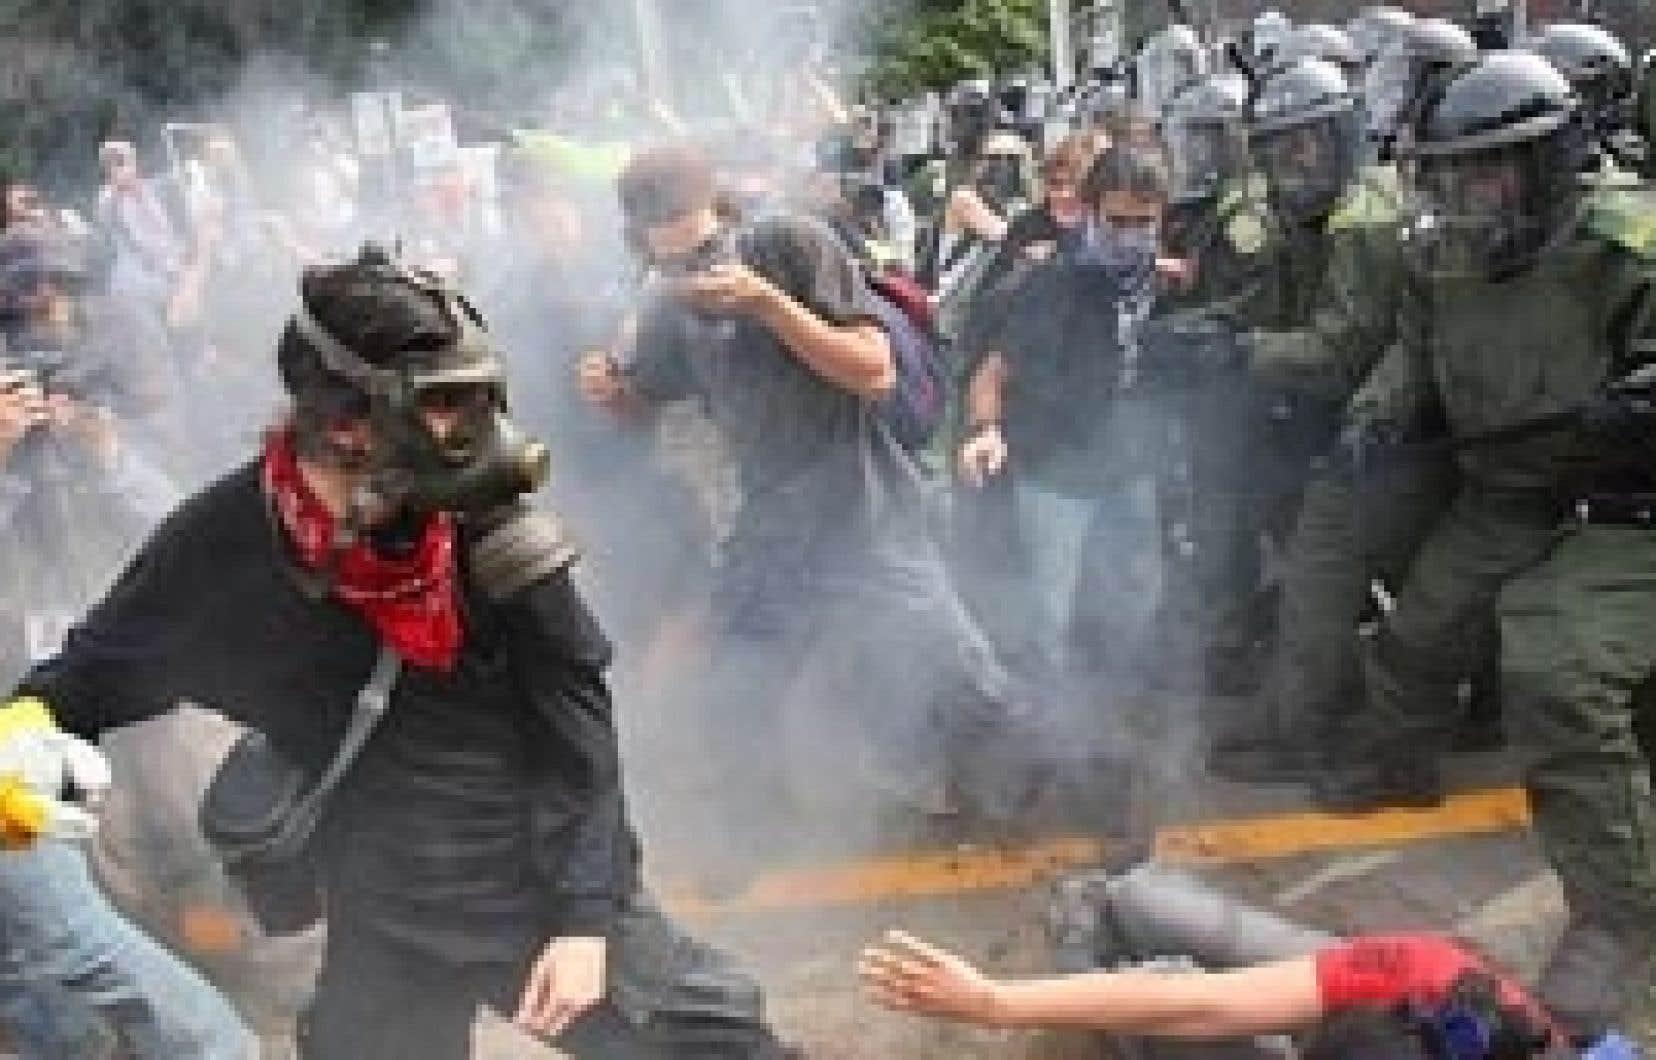 Trente-cinq policiers ont participé à l'opération «Flagrant délit» en août 2007 à Montebello.